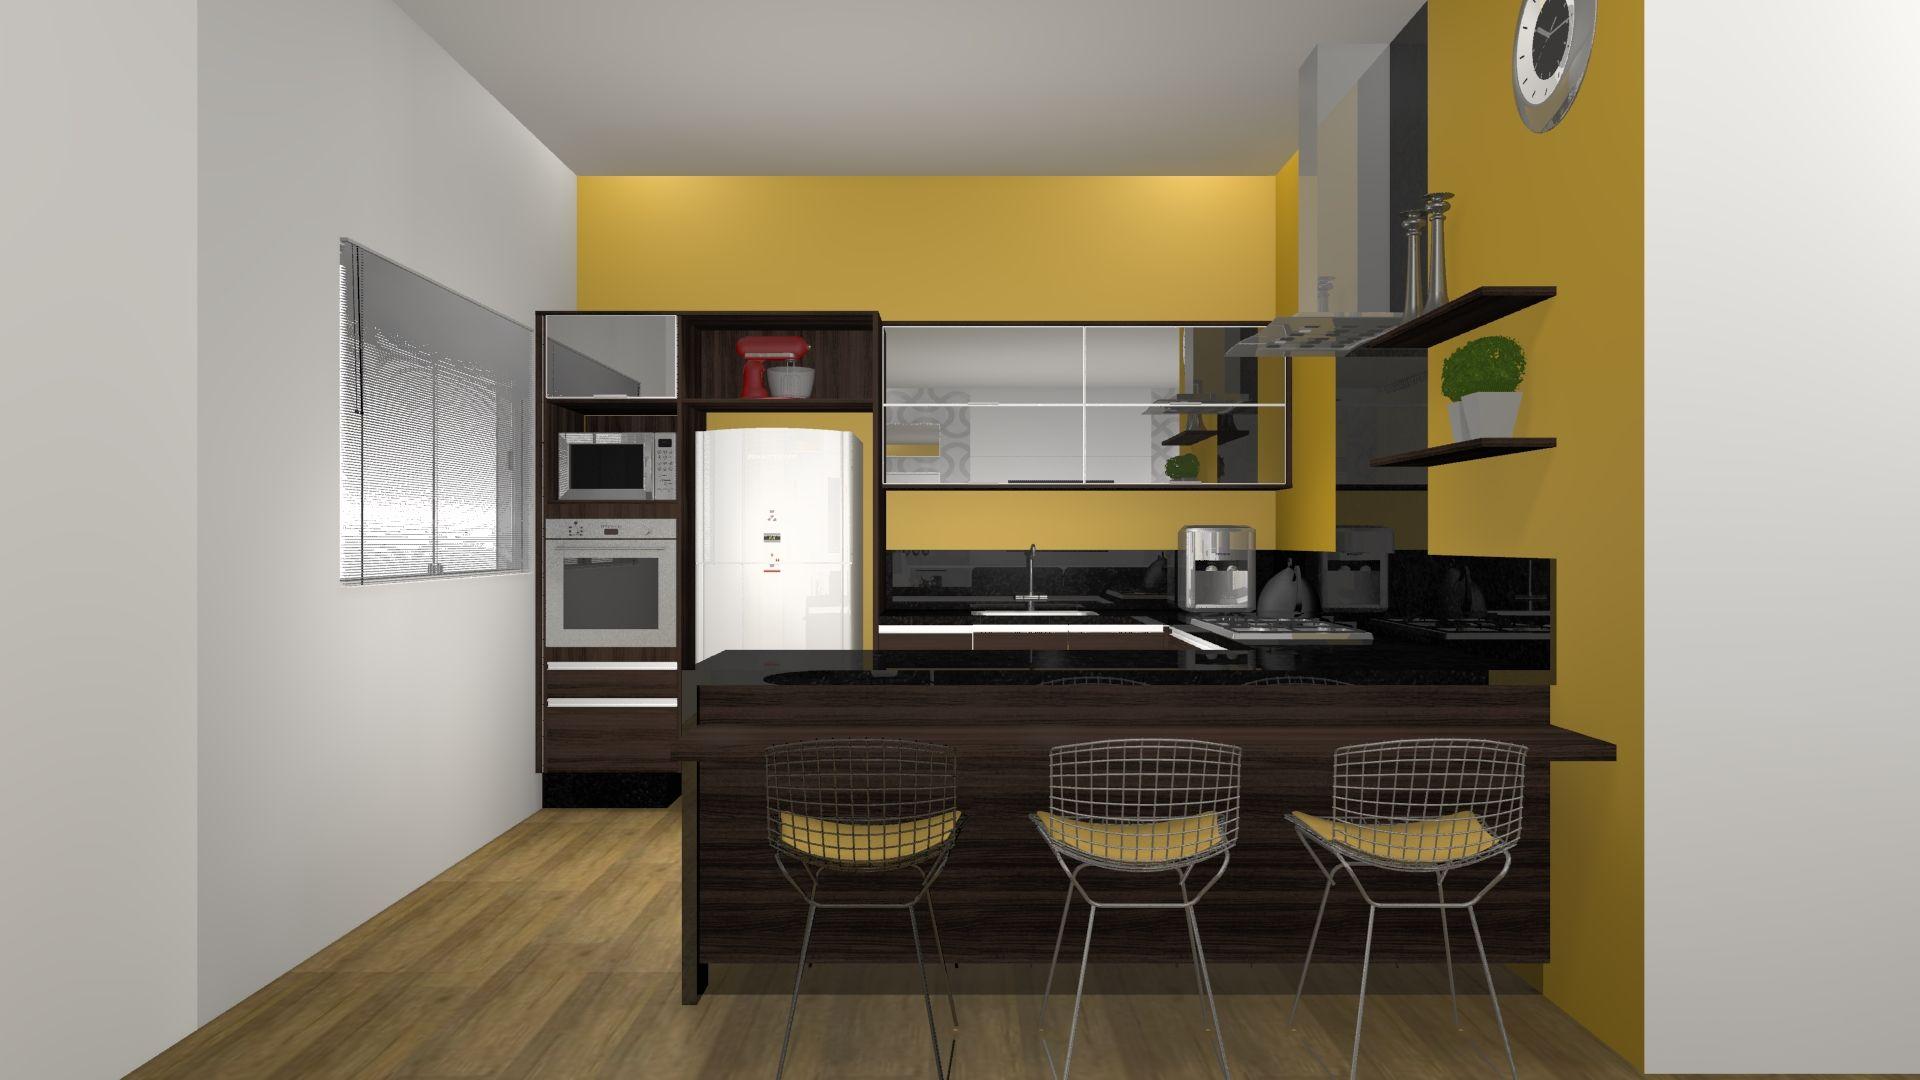 Que tal cozinha com parede amarela? Designer de Interiores Tatiane Barreto